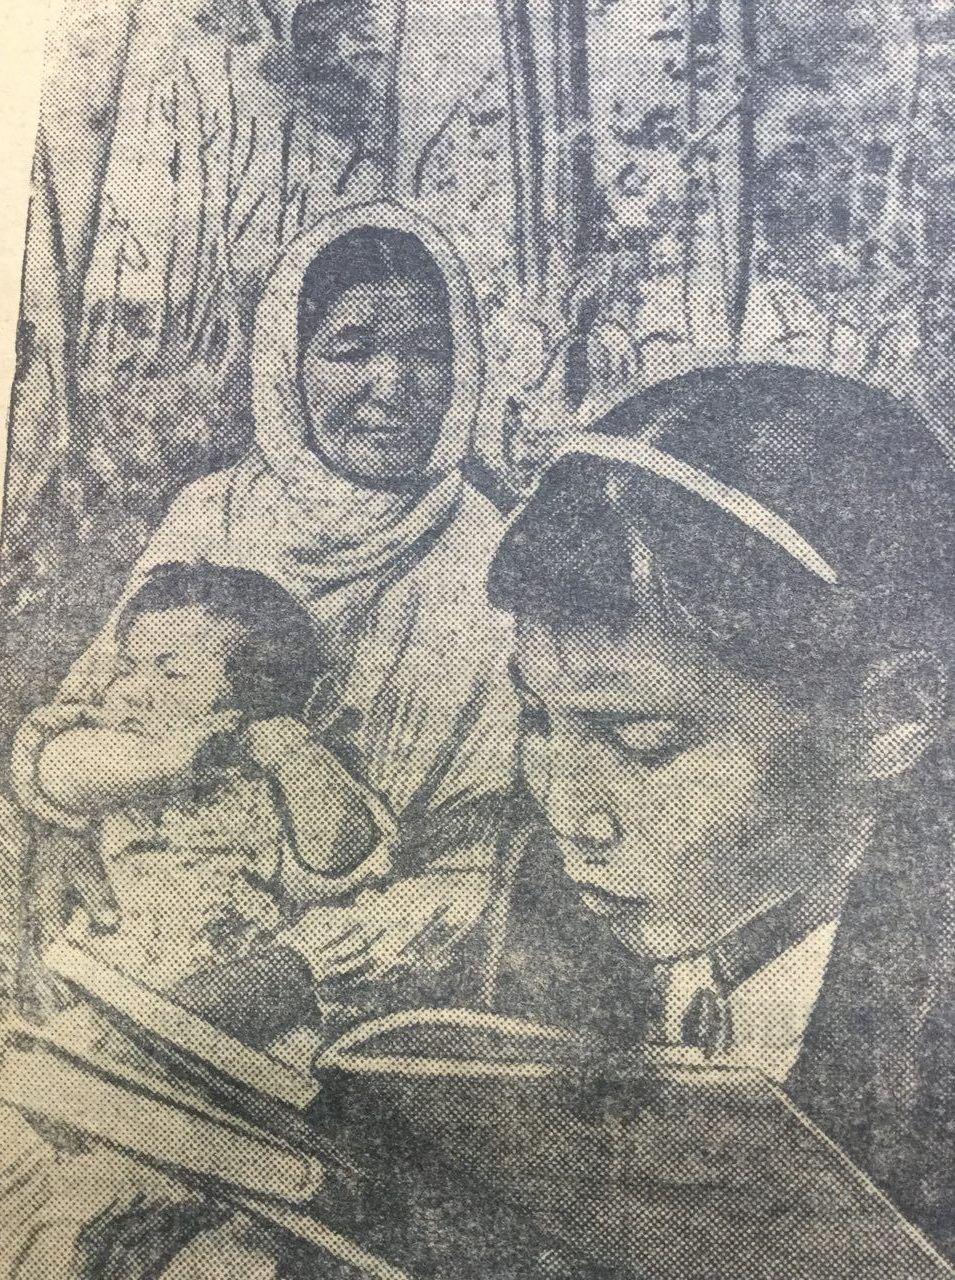 Девочка читает книгу. Фотография 1936 года